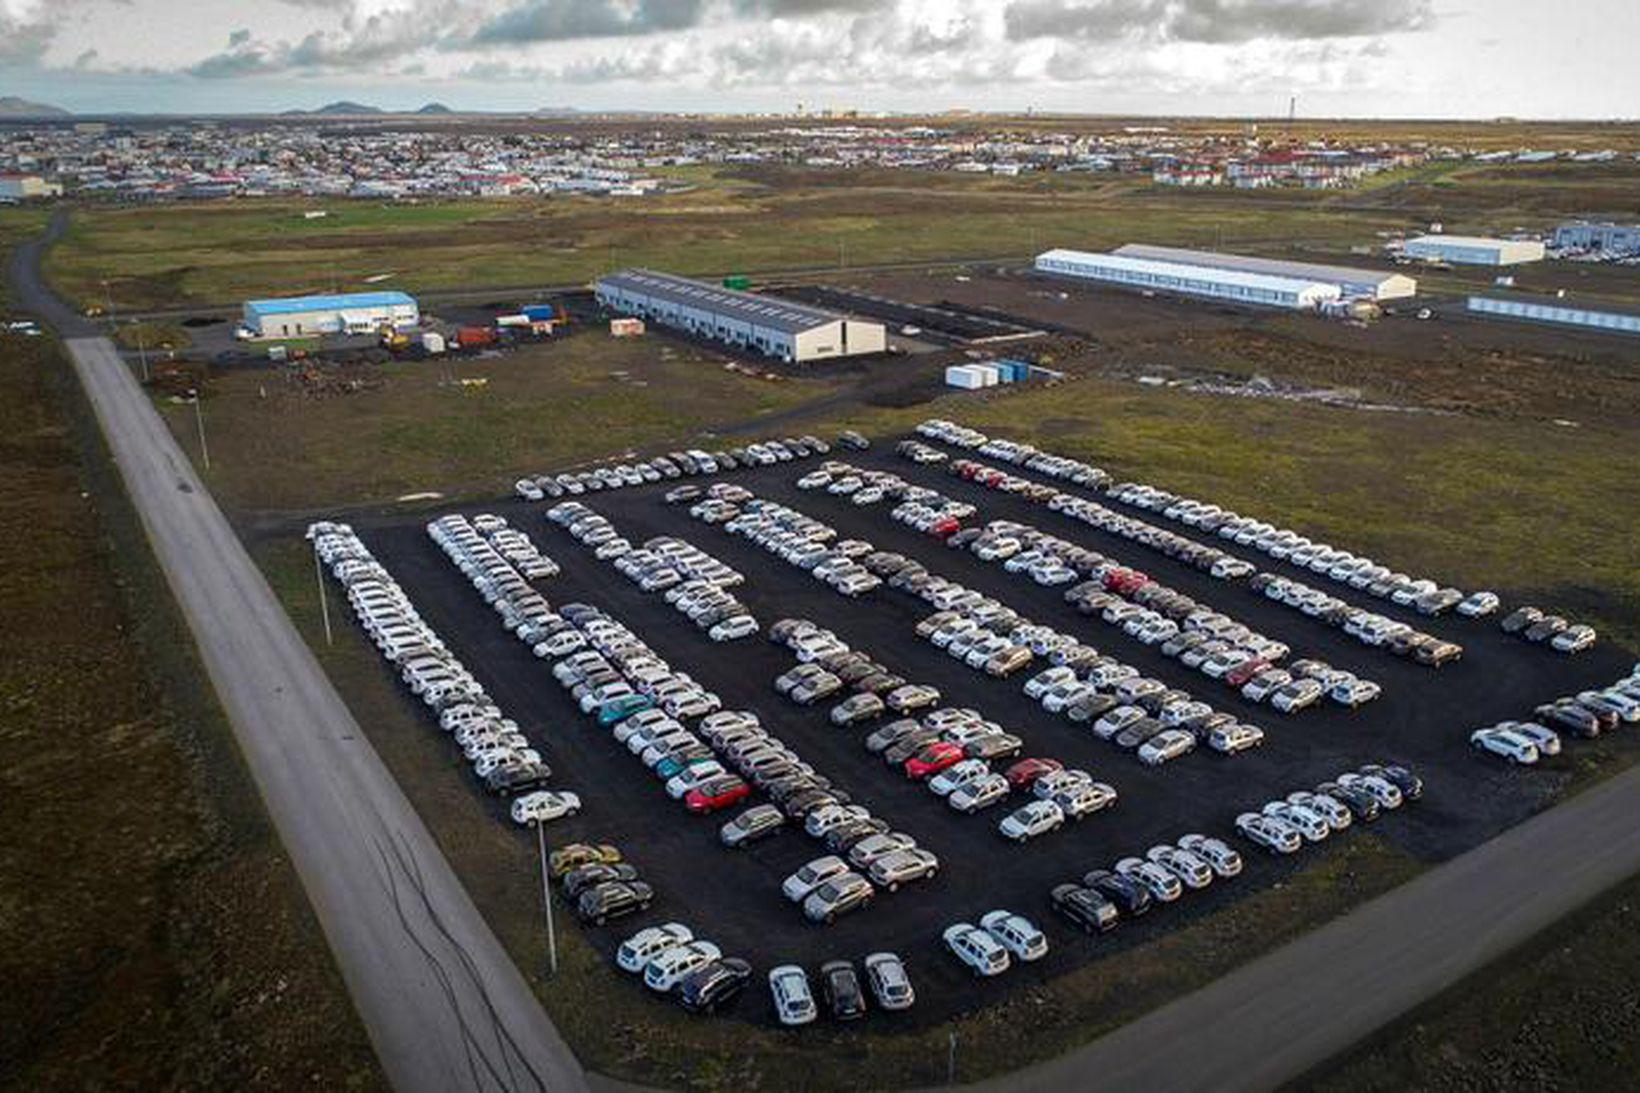 Fjöldi bílaleigubíla stendur óhreyfður hjá bílaleigum.